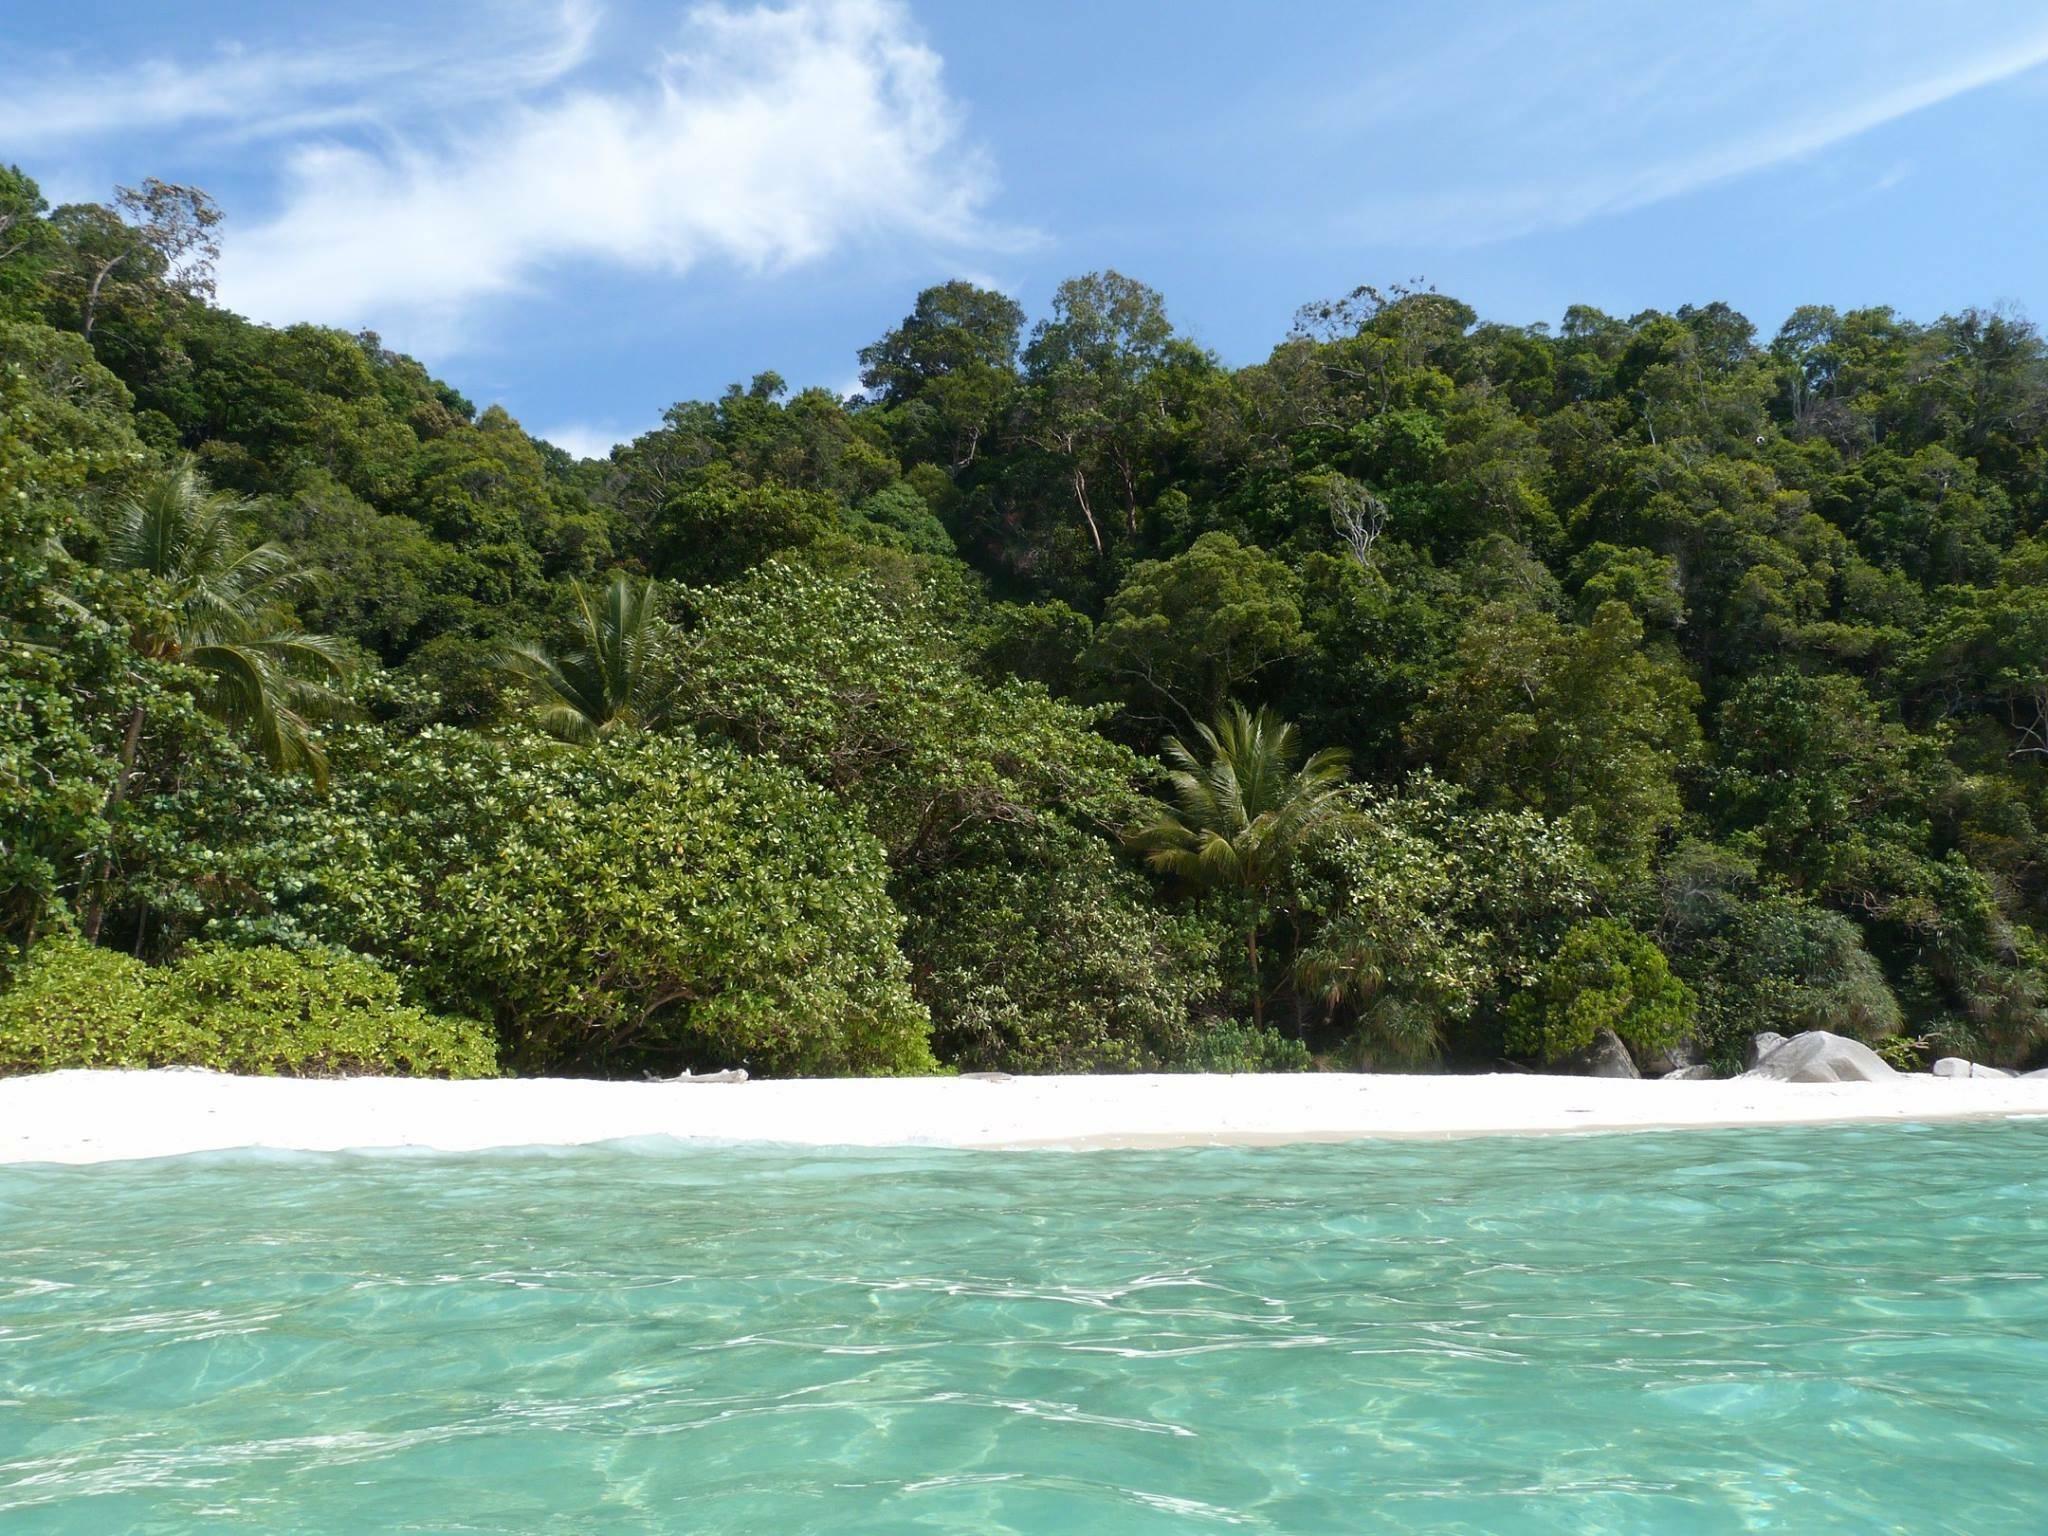 Photo 2: D'Lagoon Teluk Kerma  -  endroit enchanteur